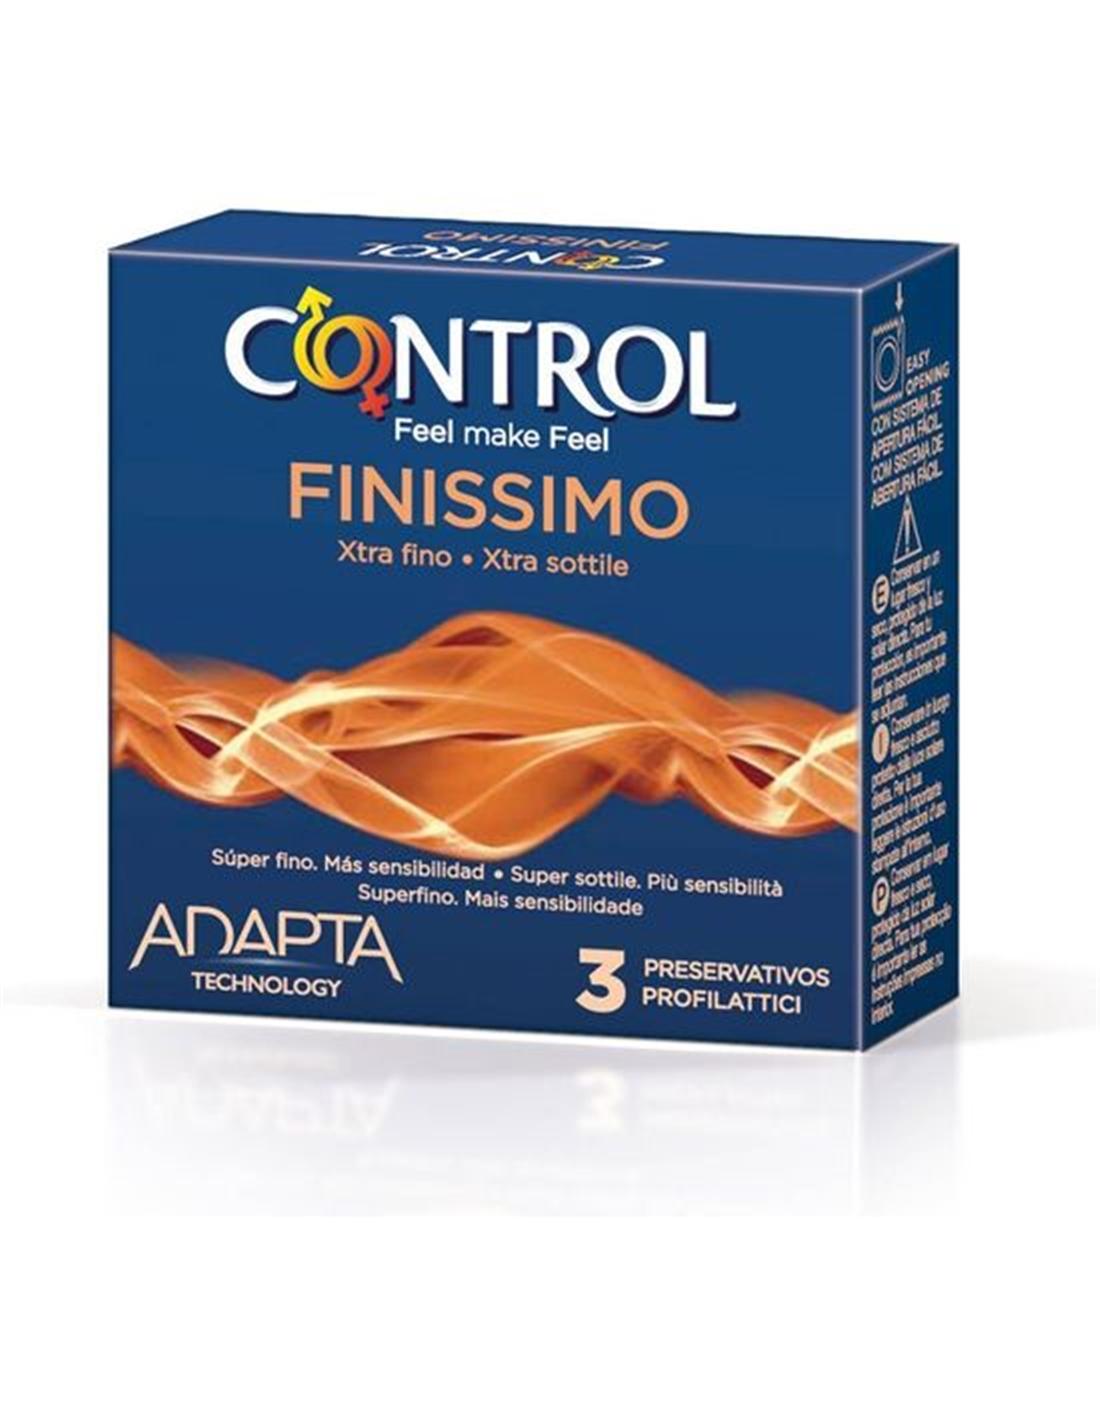 Preservativos Control Finissimo 3Uds - PR2010348156